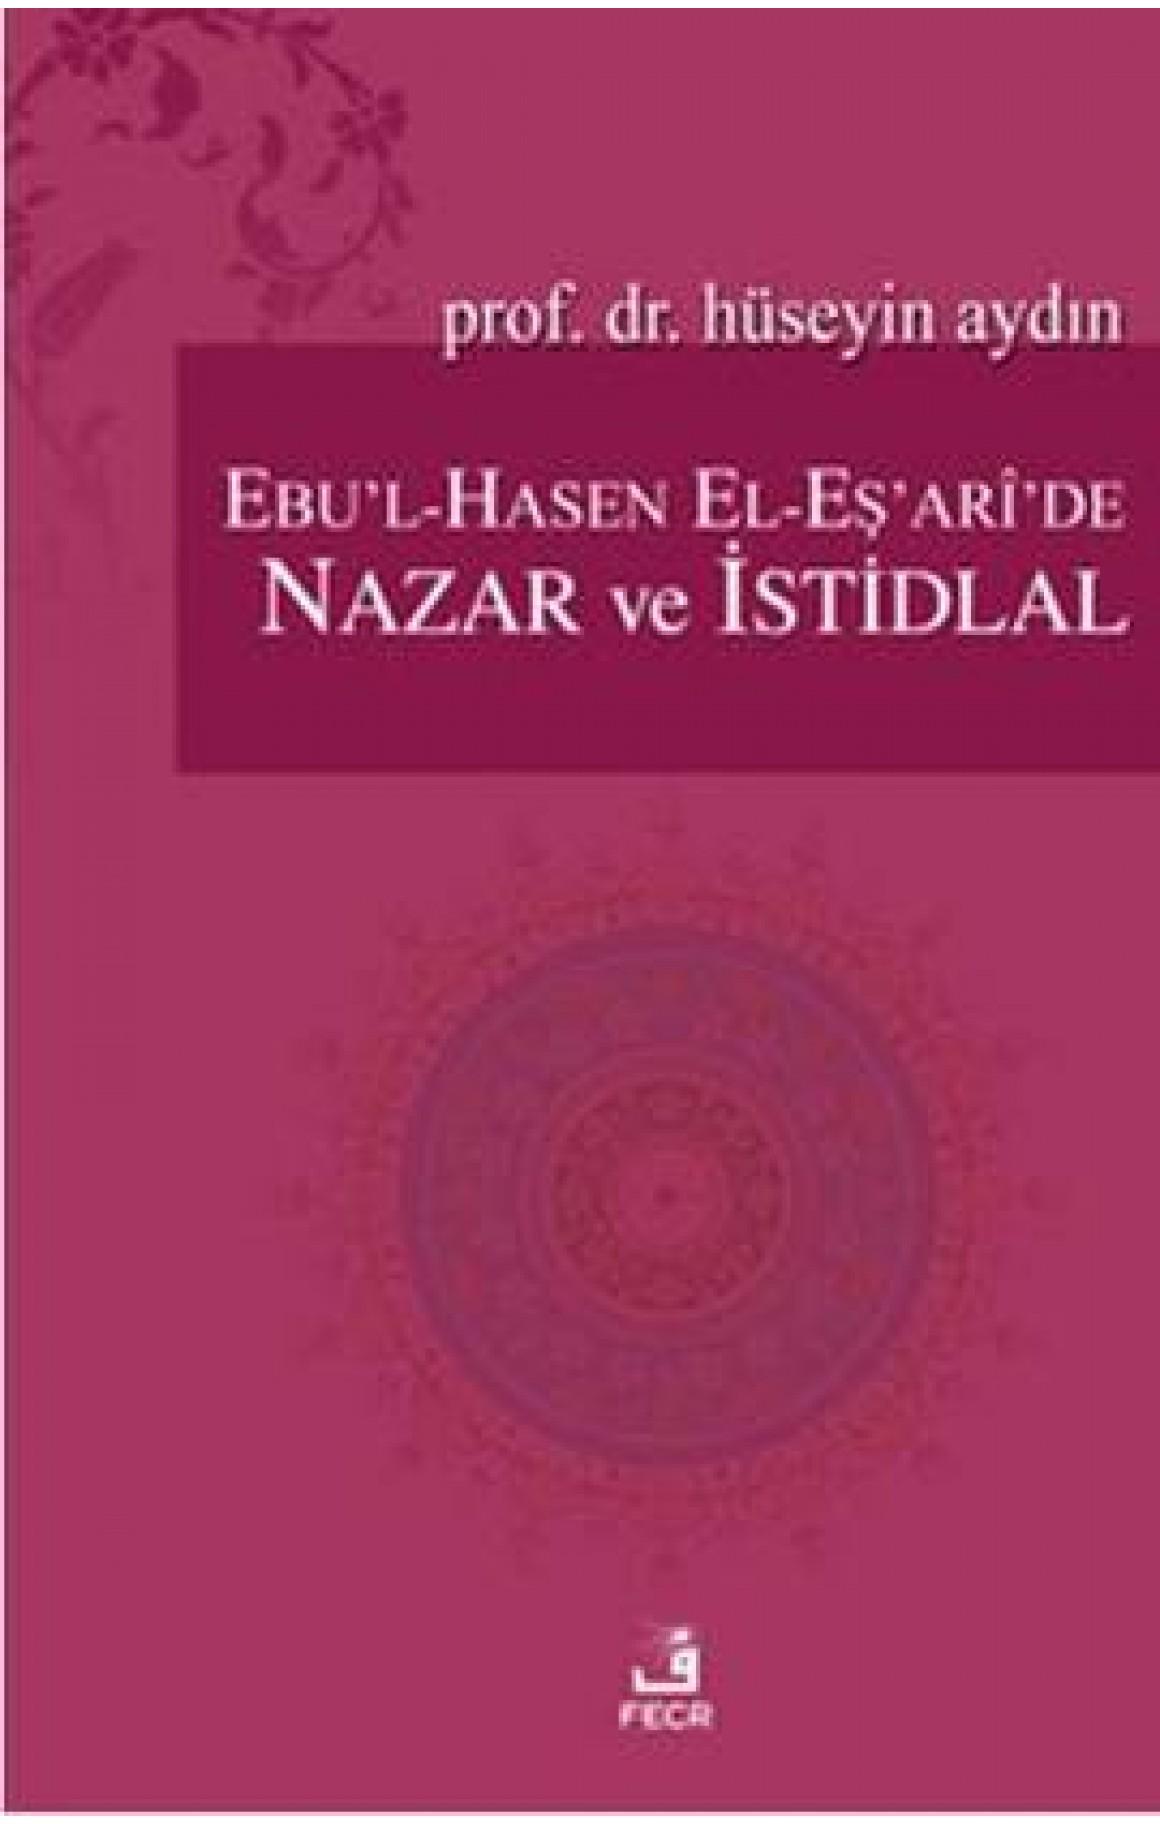 Ebul-Hasen El-Esaride Nazar ve Istidlal